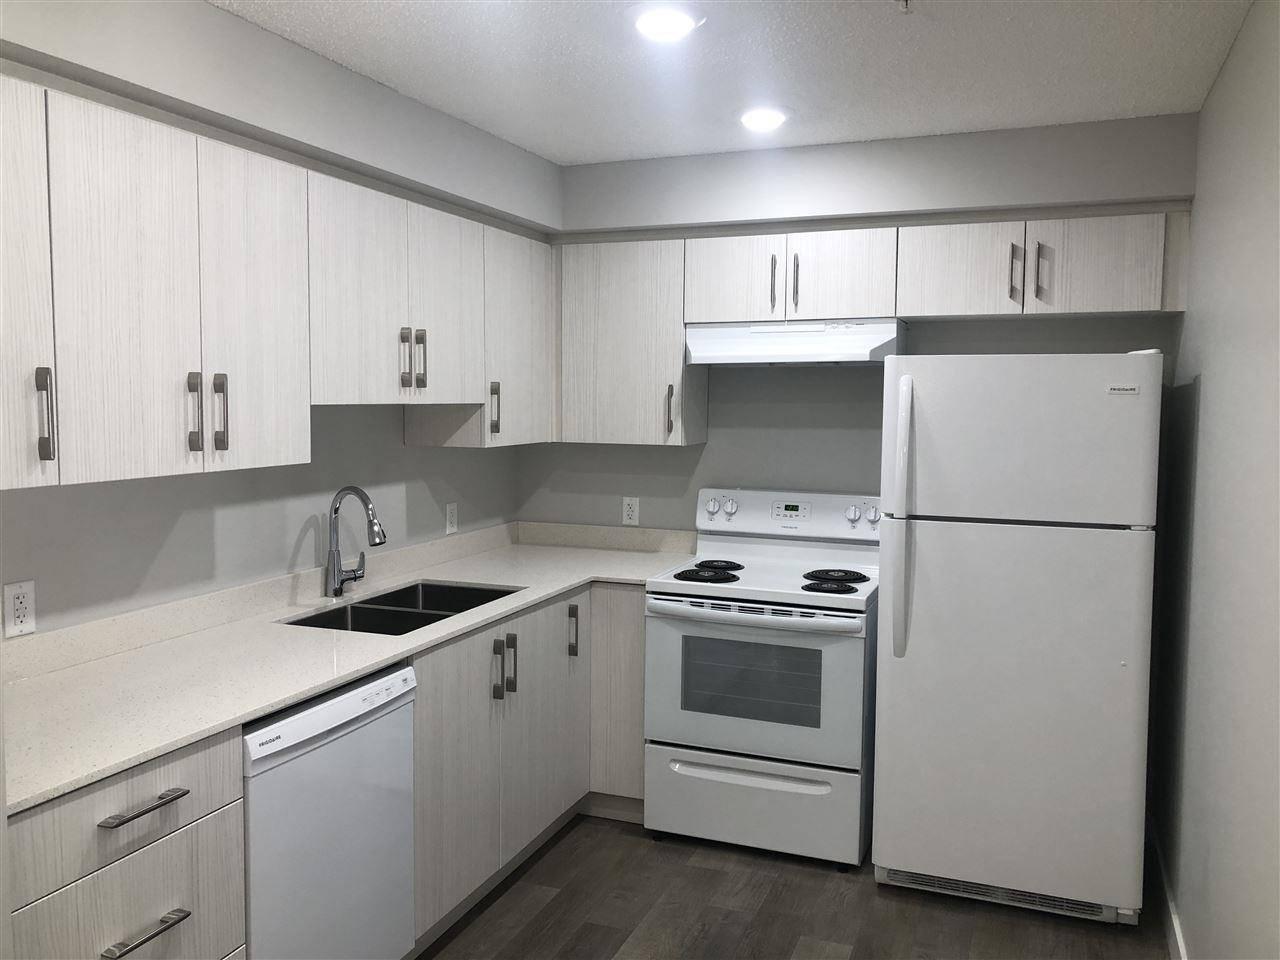 Condo for sale at 11511 27 Ave Nw Unit 116 Edmonton Alberta - MLS: E4185820